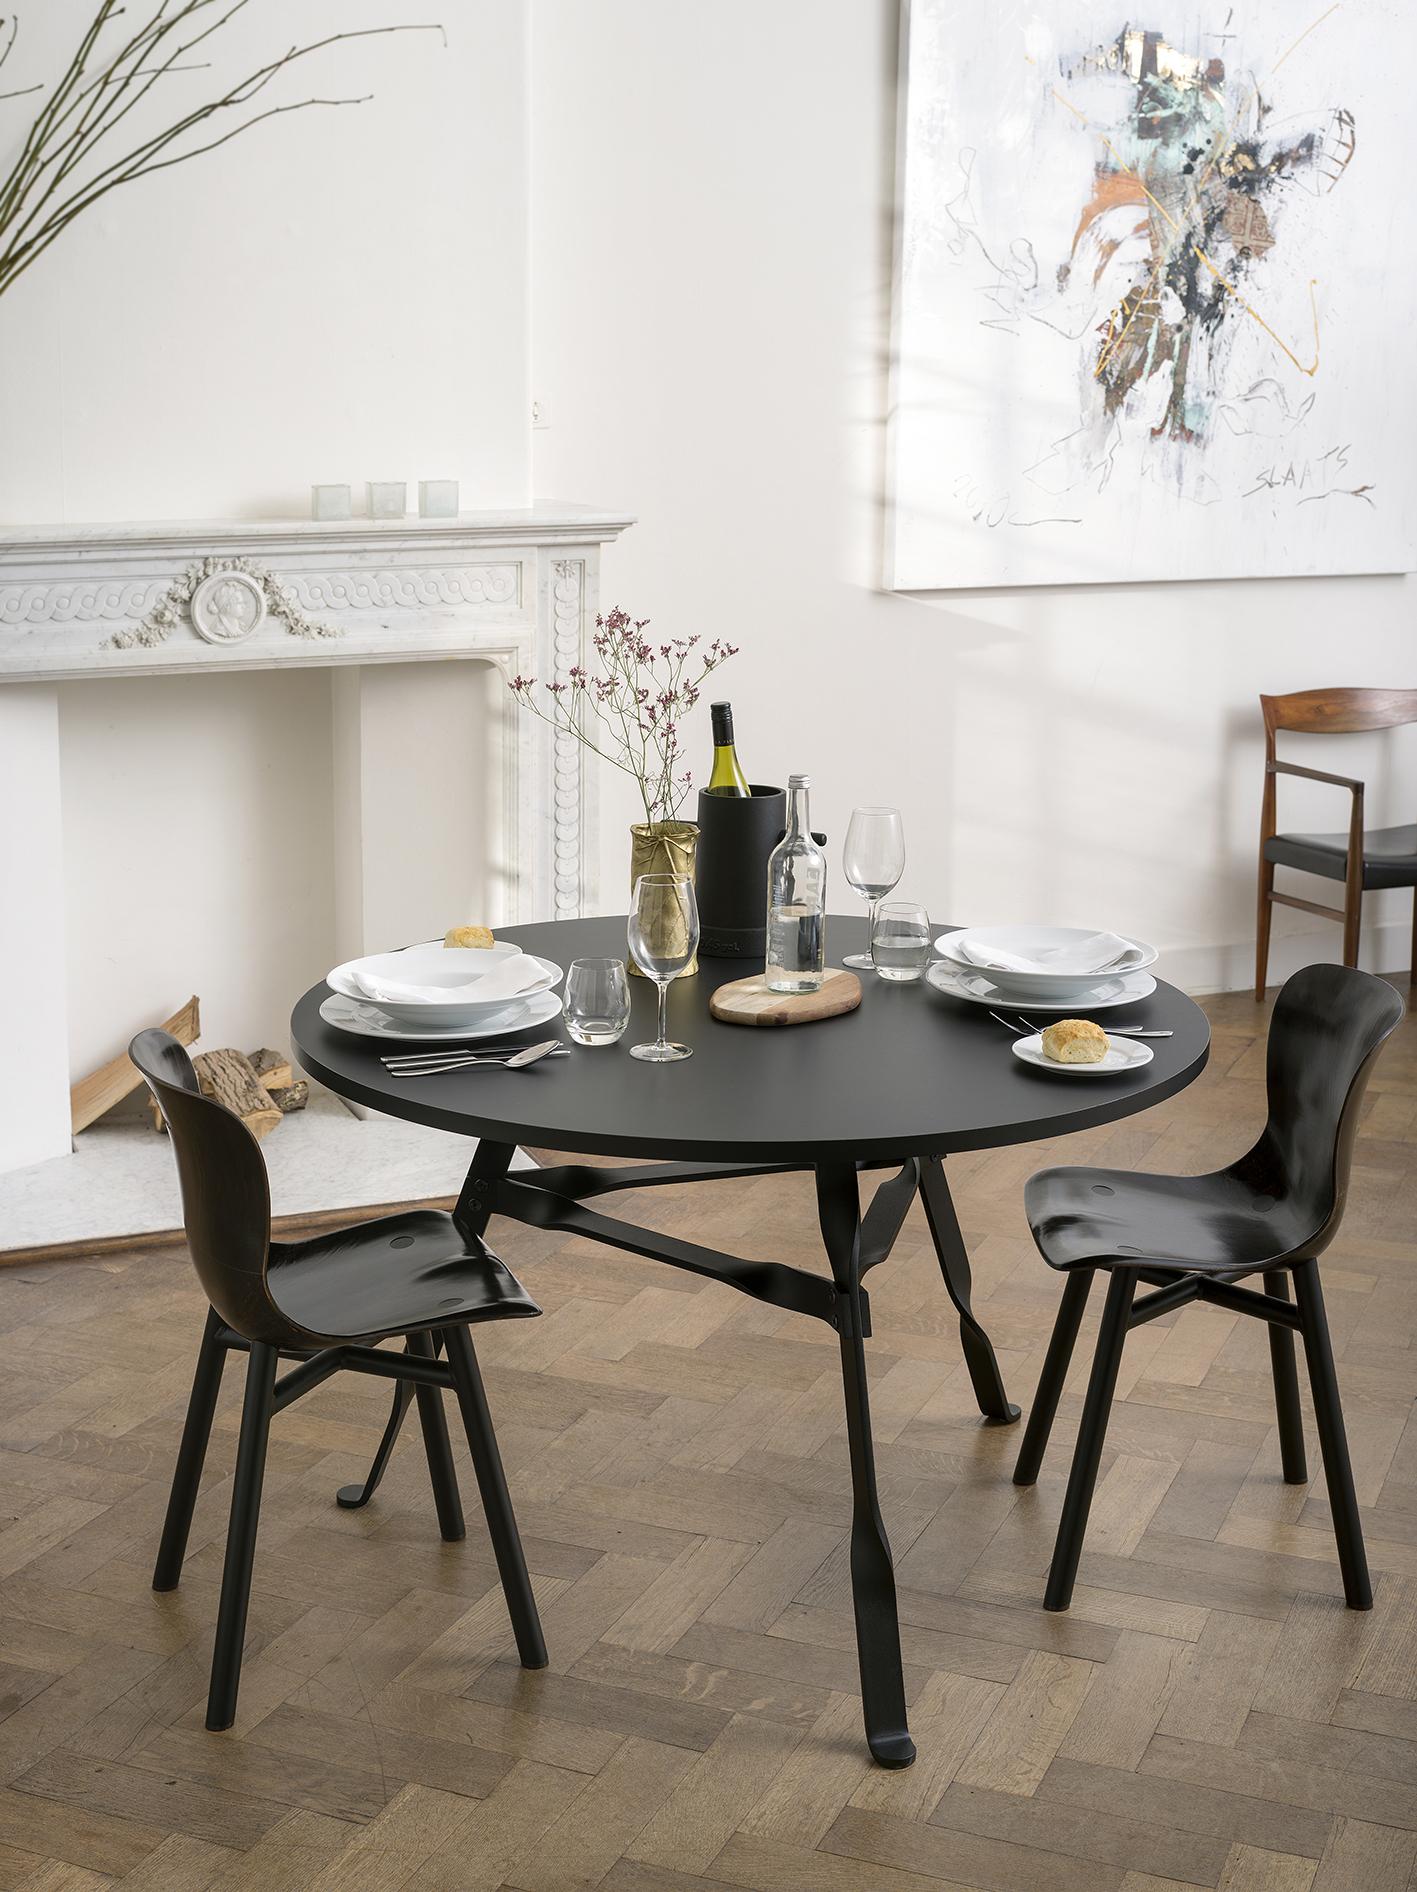 Functionals Twist tafel rond zwart kopen? Bestel online bij Gimmii Dutch design